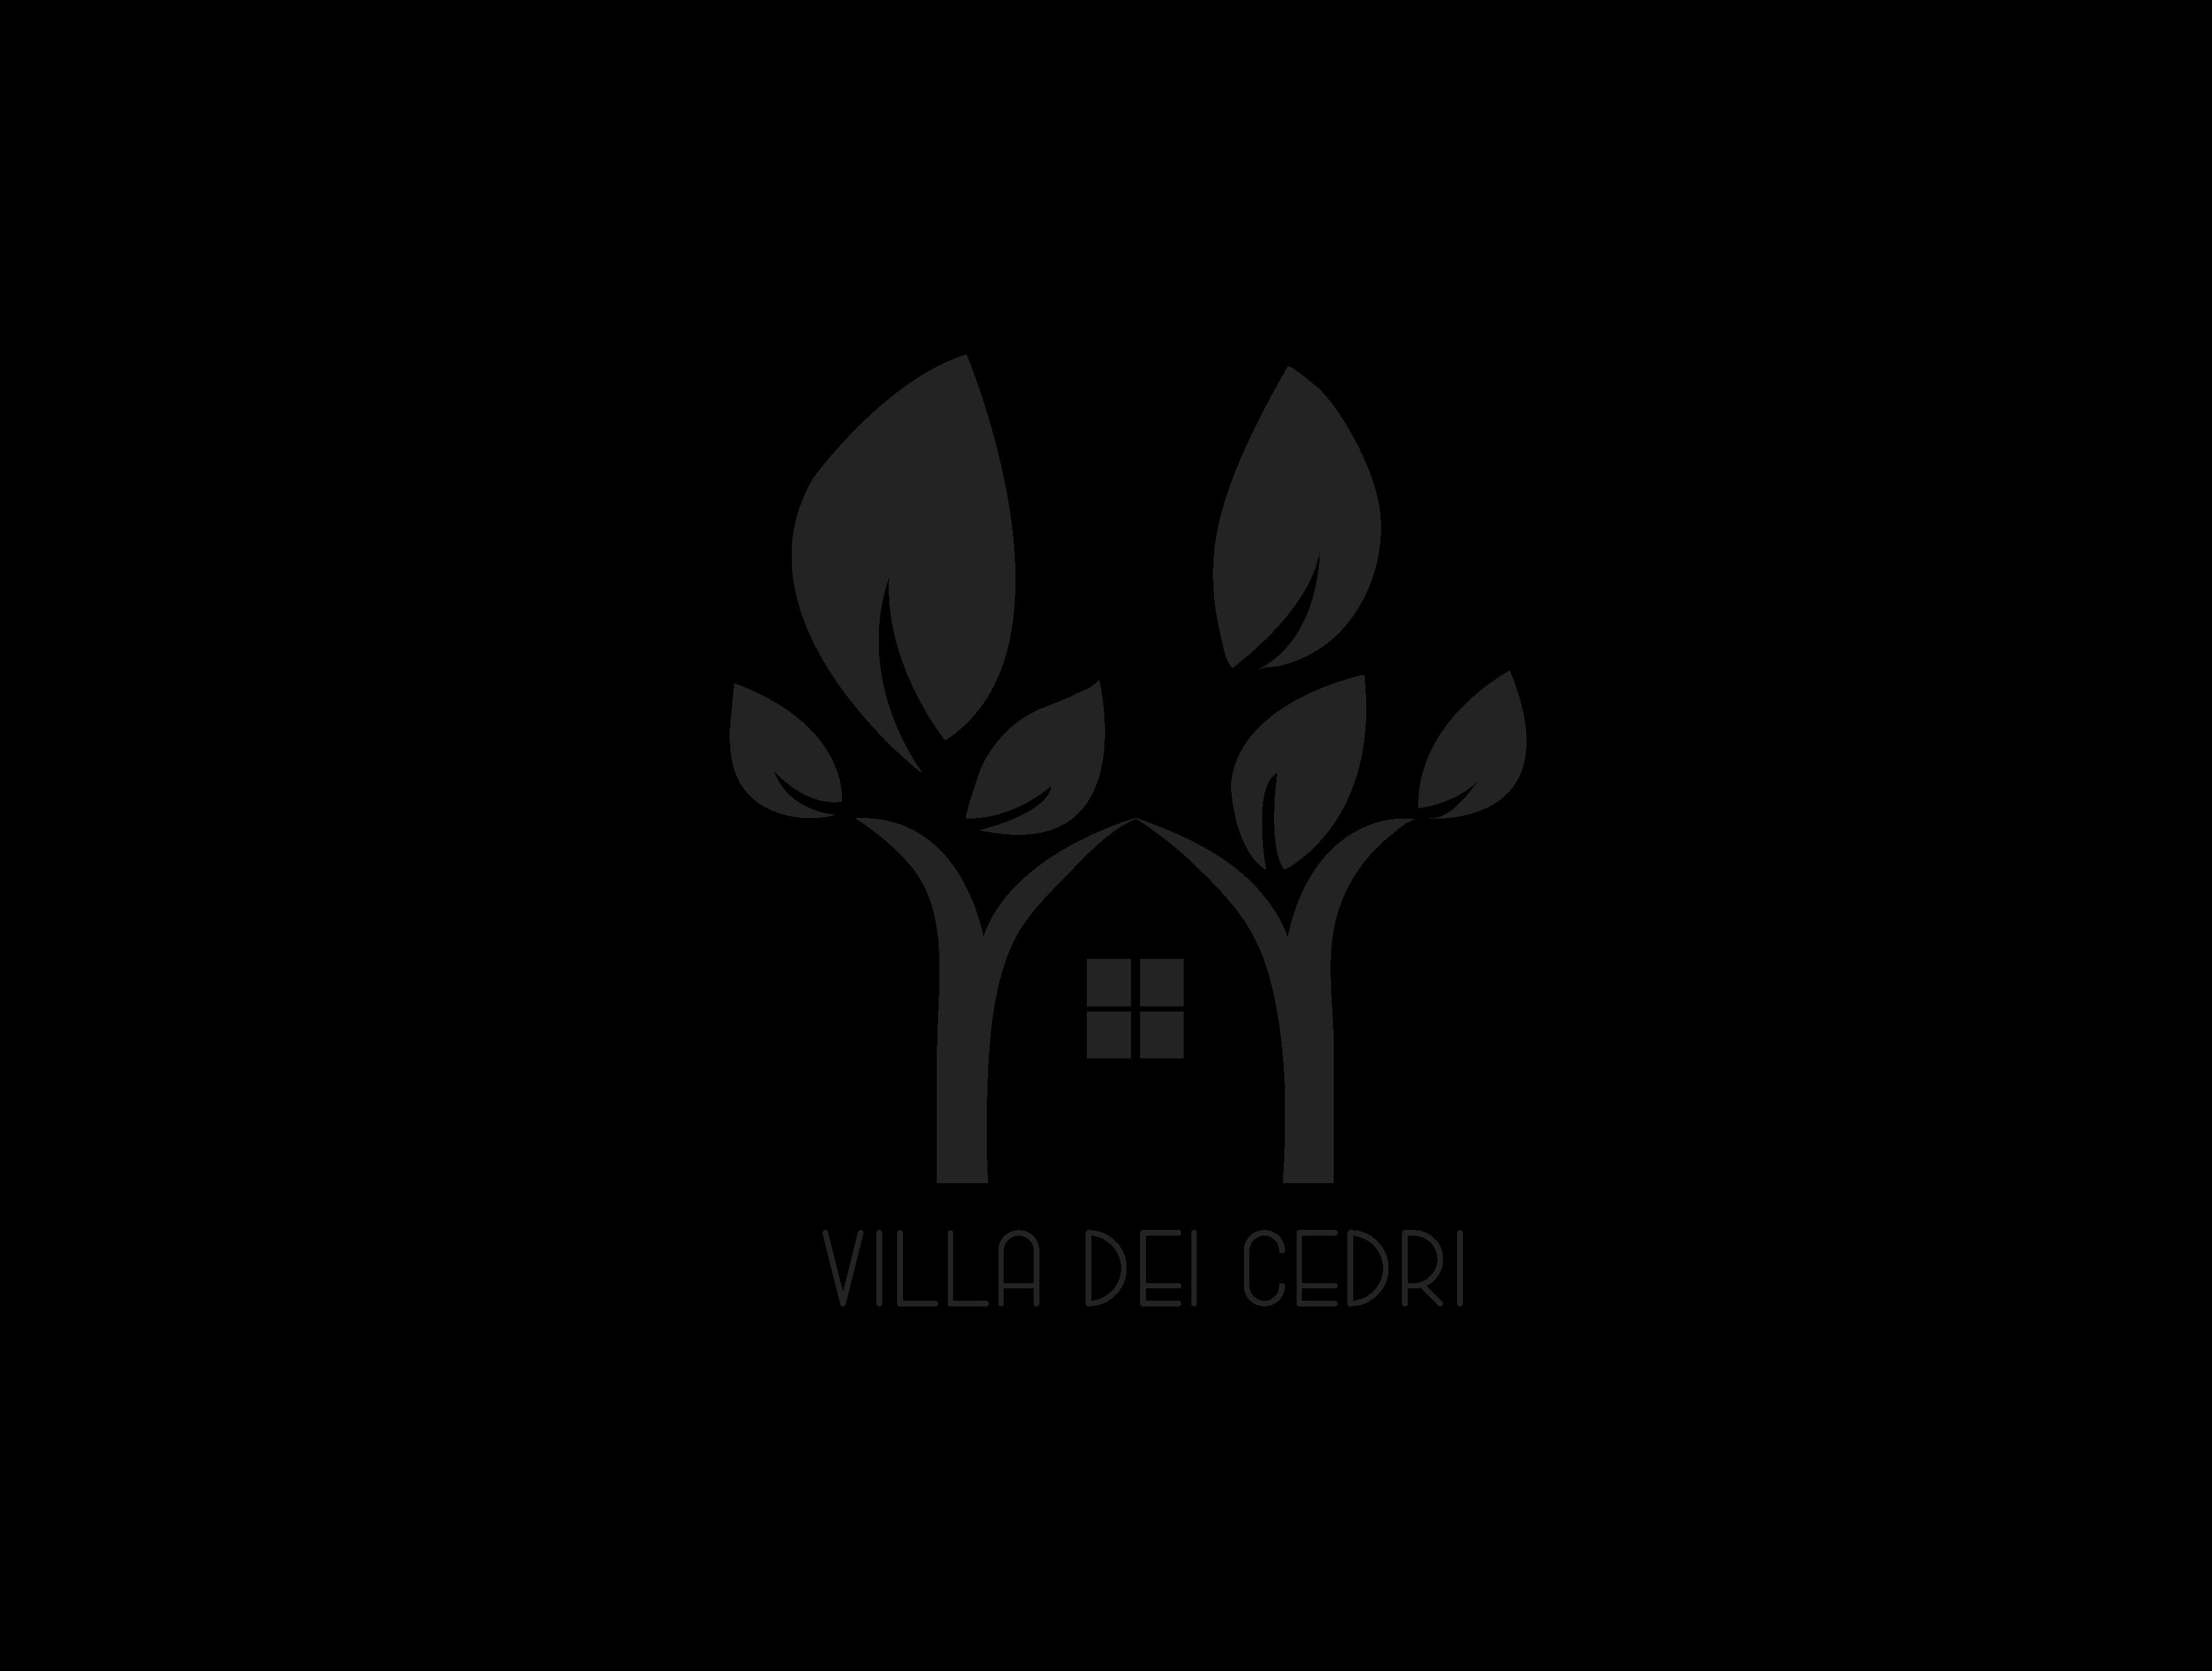 logo villa dei cedri